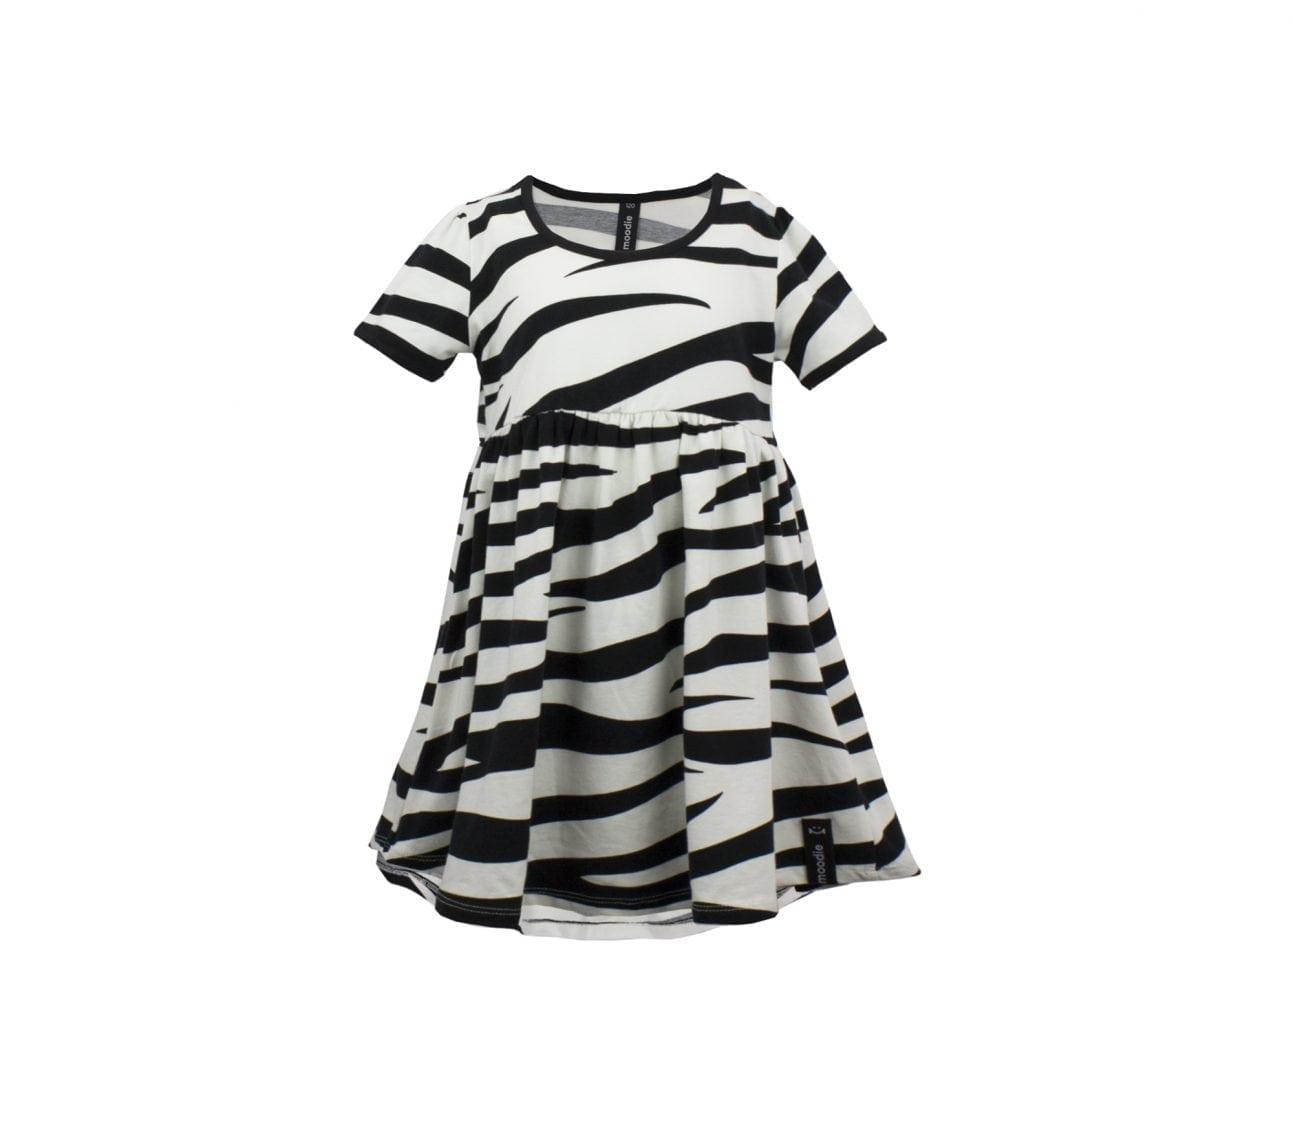 Klänning barn kortärmad svart/vit zebra mönstrad – Harley